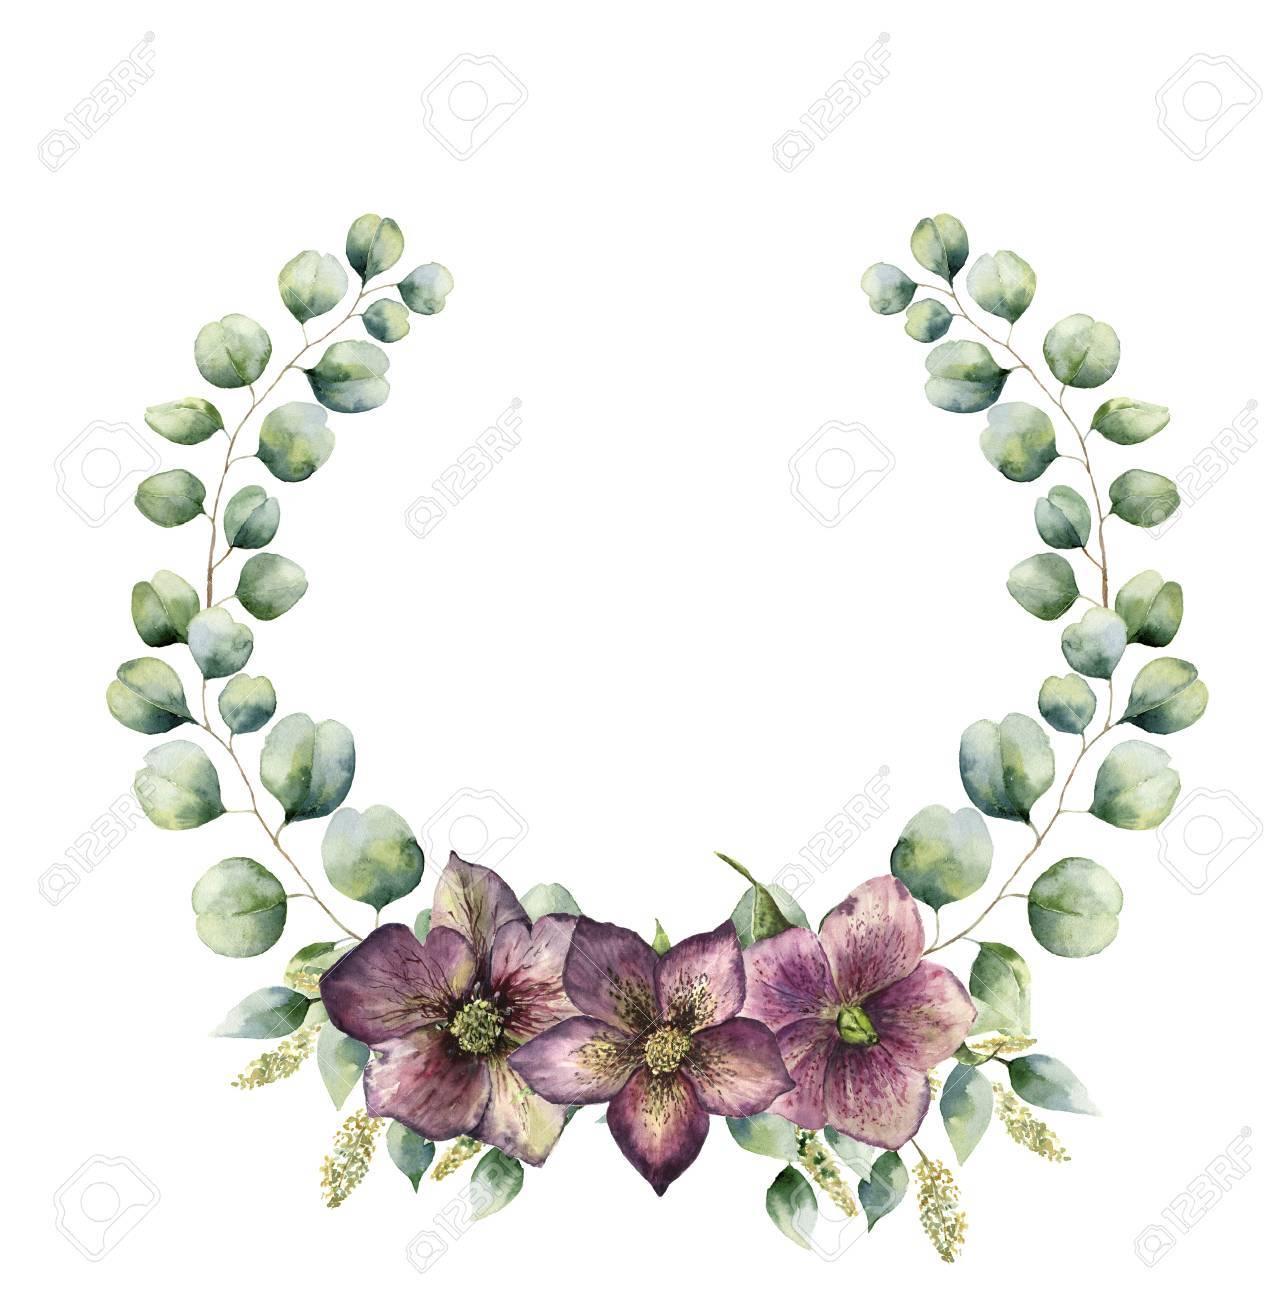 Aquarell Blumenkranz Mit Eukalyptus Und Nieswurz. Hand Bemalt ...